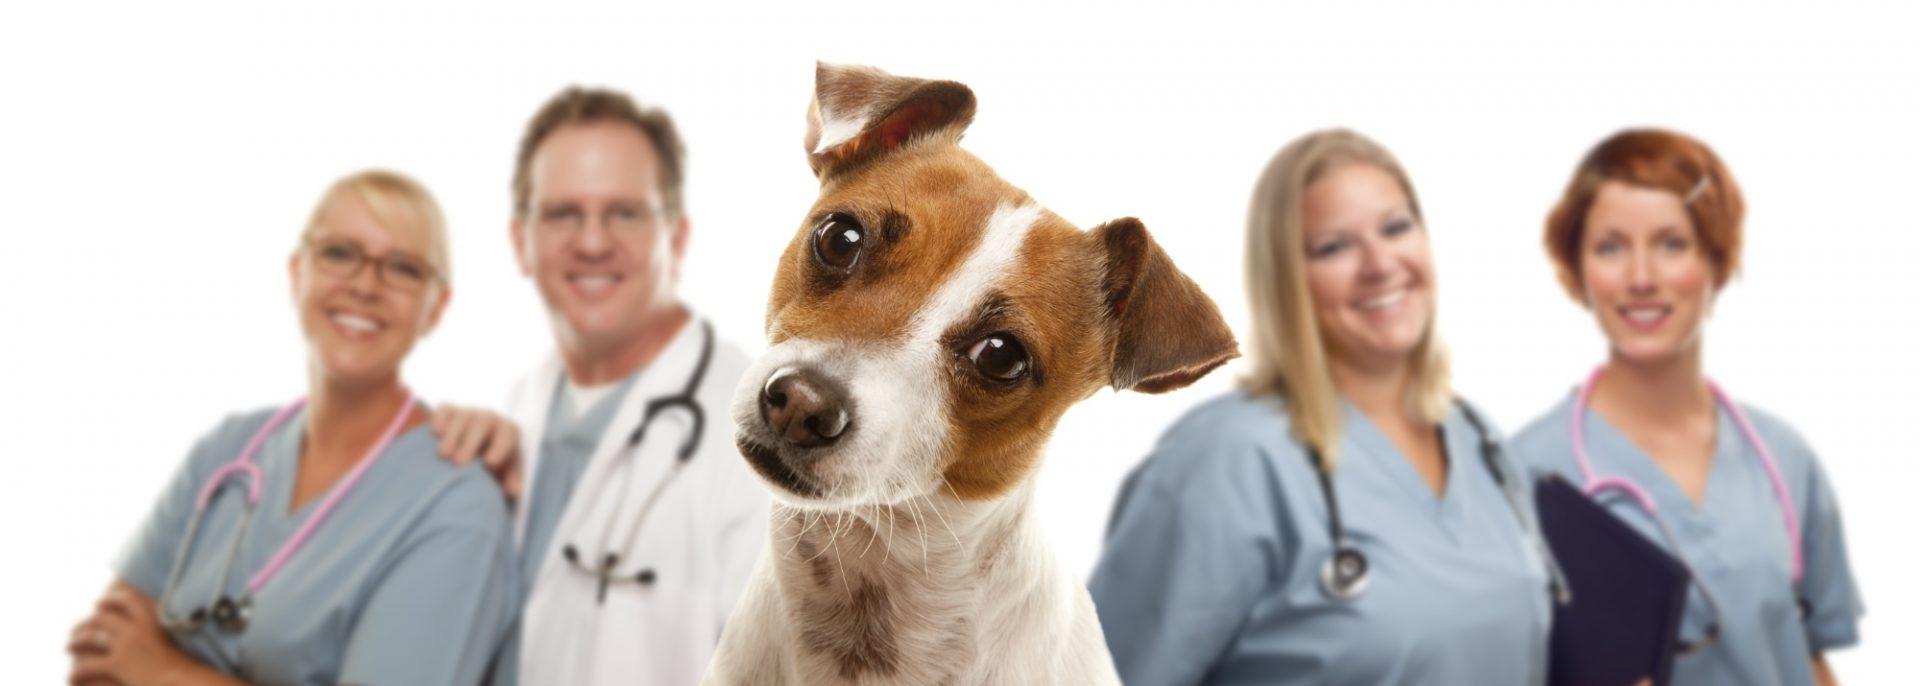 Vet and vet practice insurance